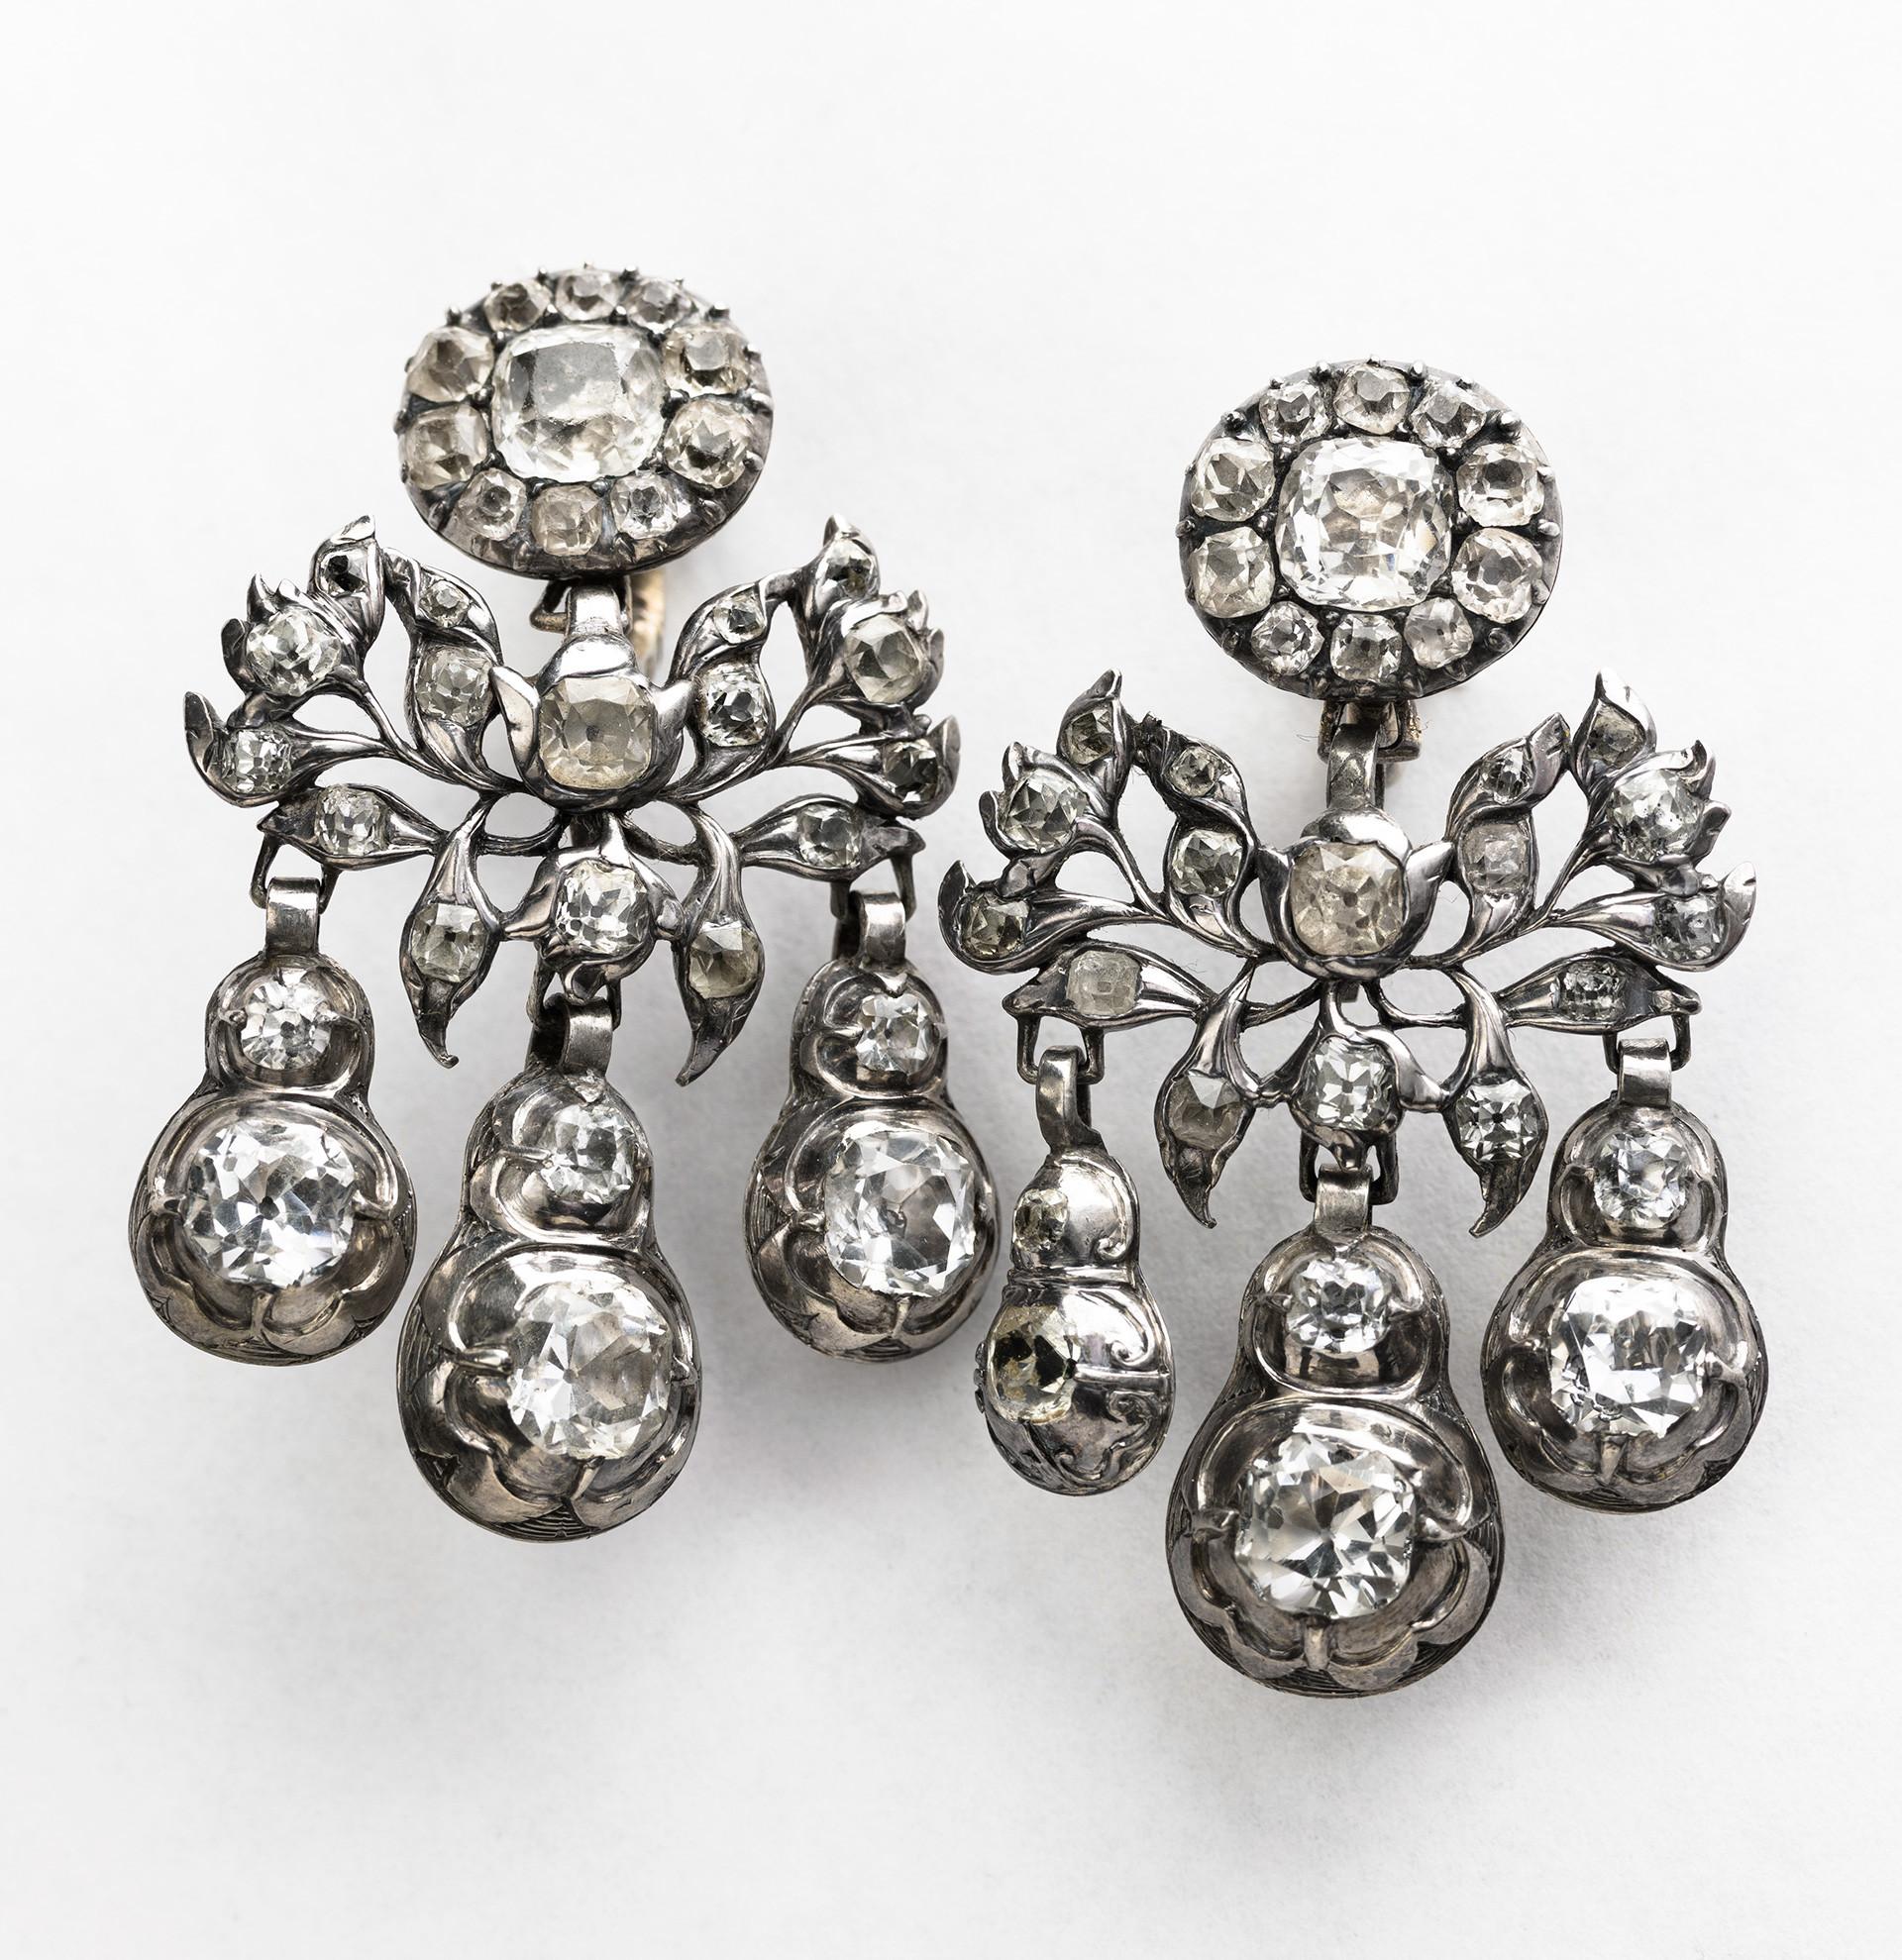 """Girandoler/örhängen. Örhängen och broscher med en rosettformation överst, därunder bladverk och slutligen tre hängande kläppar, kallas """"girandoler"""". Ordet kommer från franskan och betyder kandelaber, en stor ljusstake. Diamanter, fasettslipade bergkristaller eller glasstenar blev några av de mest omtyckta smyckestenarna under rokokotiden. Girandolerna på bilden är av silver och bergkristall, från 1700-talets mitt. Foto: Mats Landin/ Nordiska museet."""